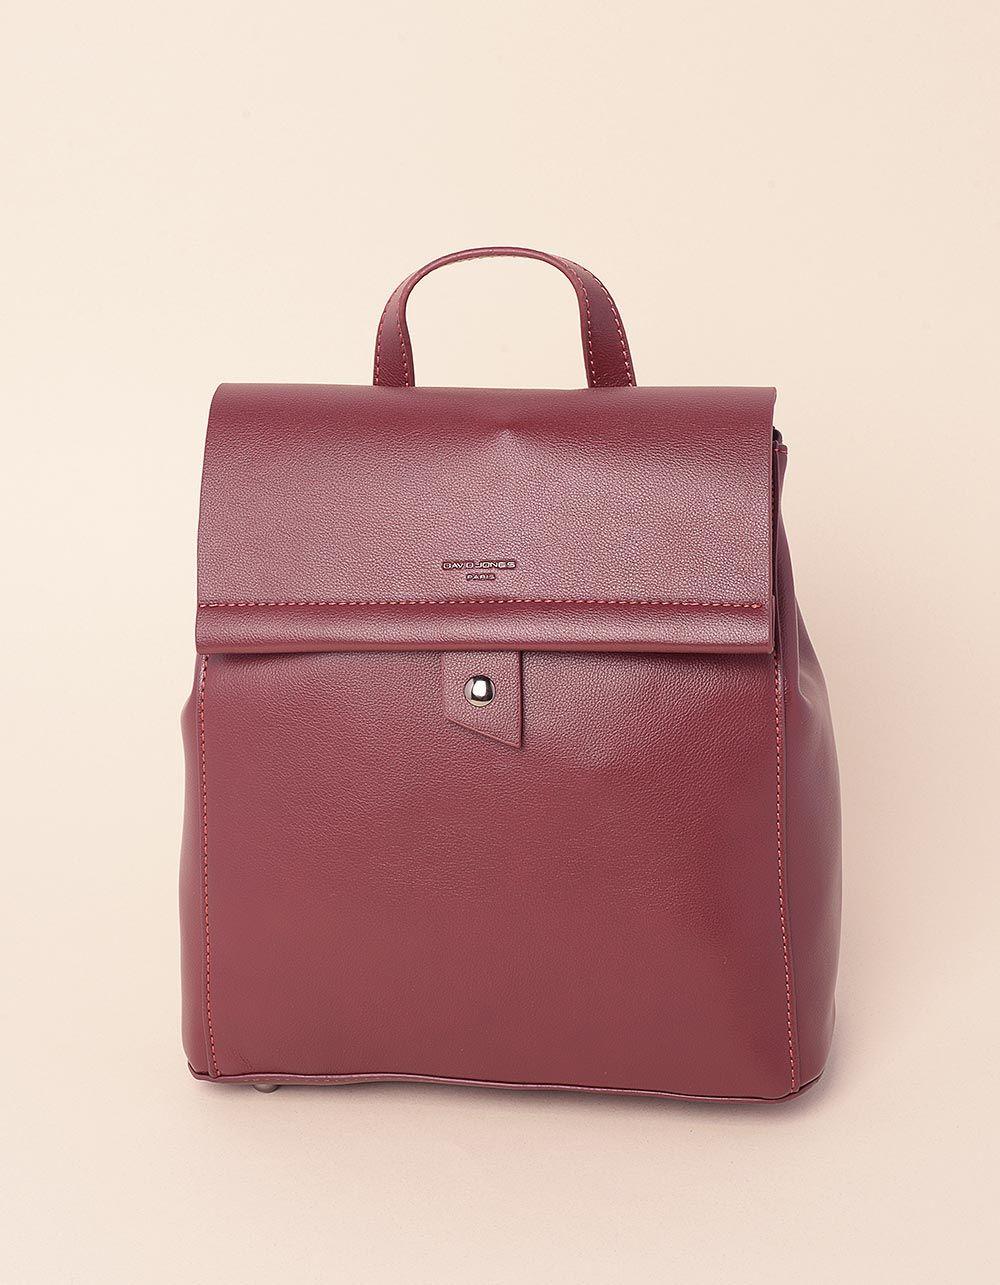 Рюкзак стильний з клапаном | 237516-27-XX